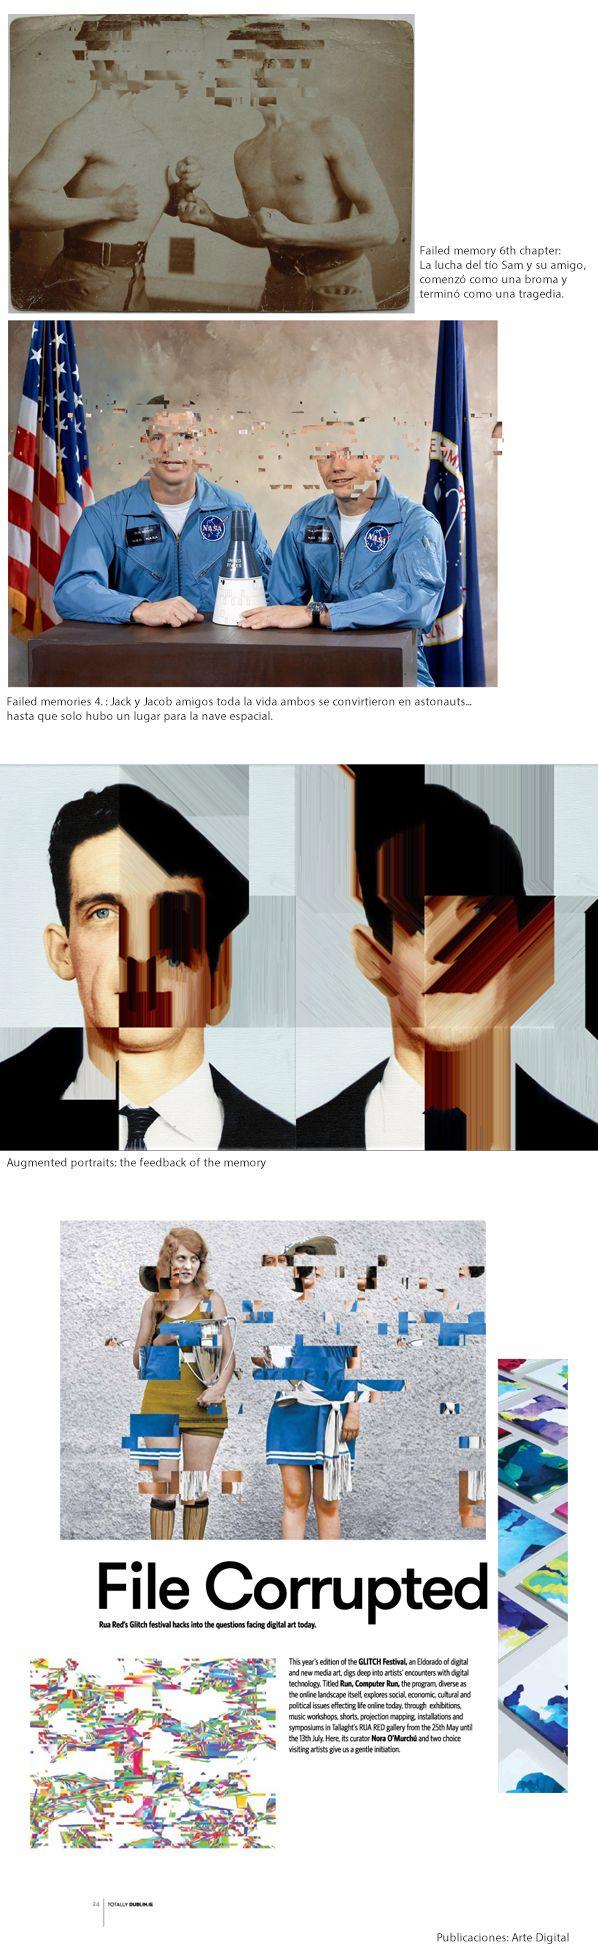 """Artista David Szauder (conocido - Pixel Noizz) combina técnicas digitales con fotografías para indagar en los rincones de la memoria donde las ideas y los recuerdos se fragmentan. """"Failed Memories"""", explora la """"naturaleza imperfecta de la memoria"""", la que coarta la imagen clara de los pensamientos que generamos."""